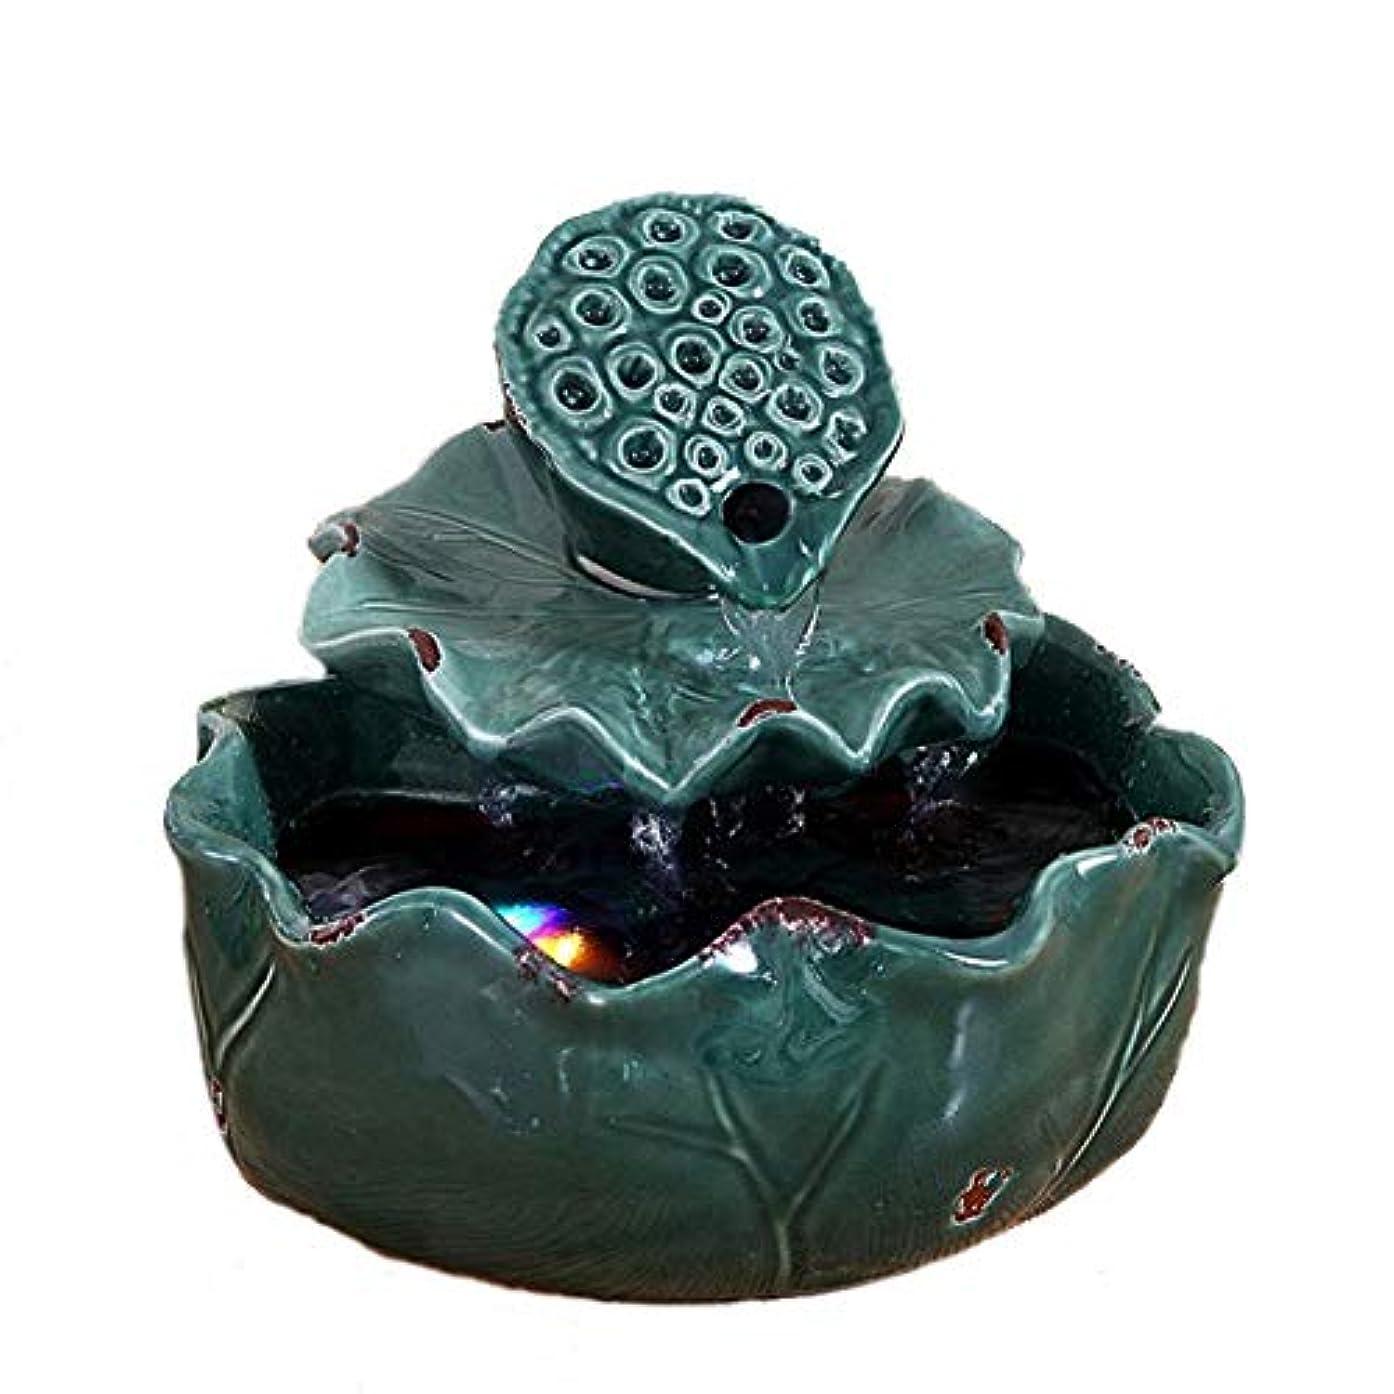 社会科お酢フクロウ空気加湿器クリエイティブロータス卓上装飾装飾セラミック工芸絶妙なギフト